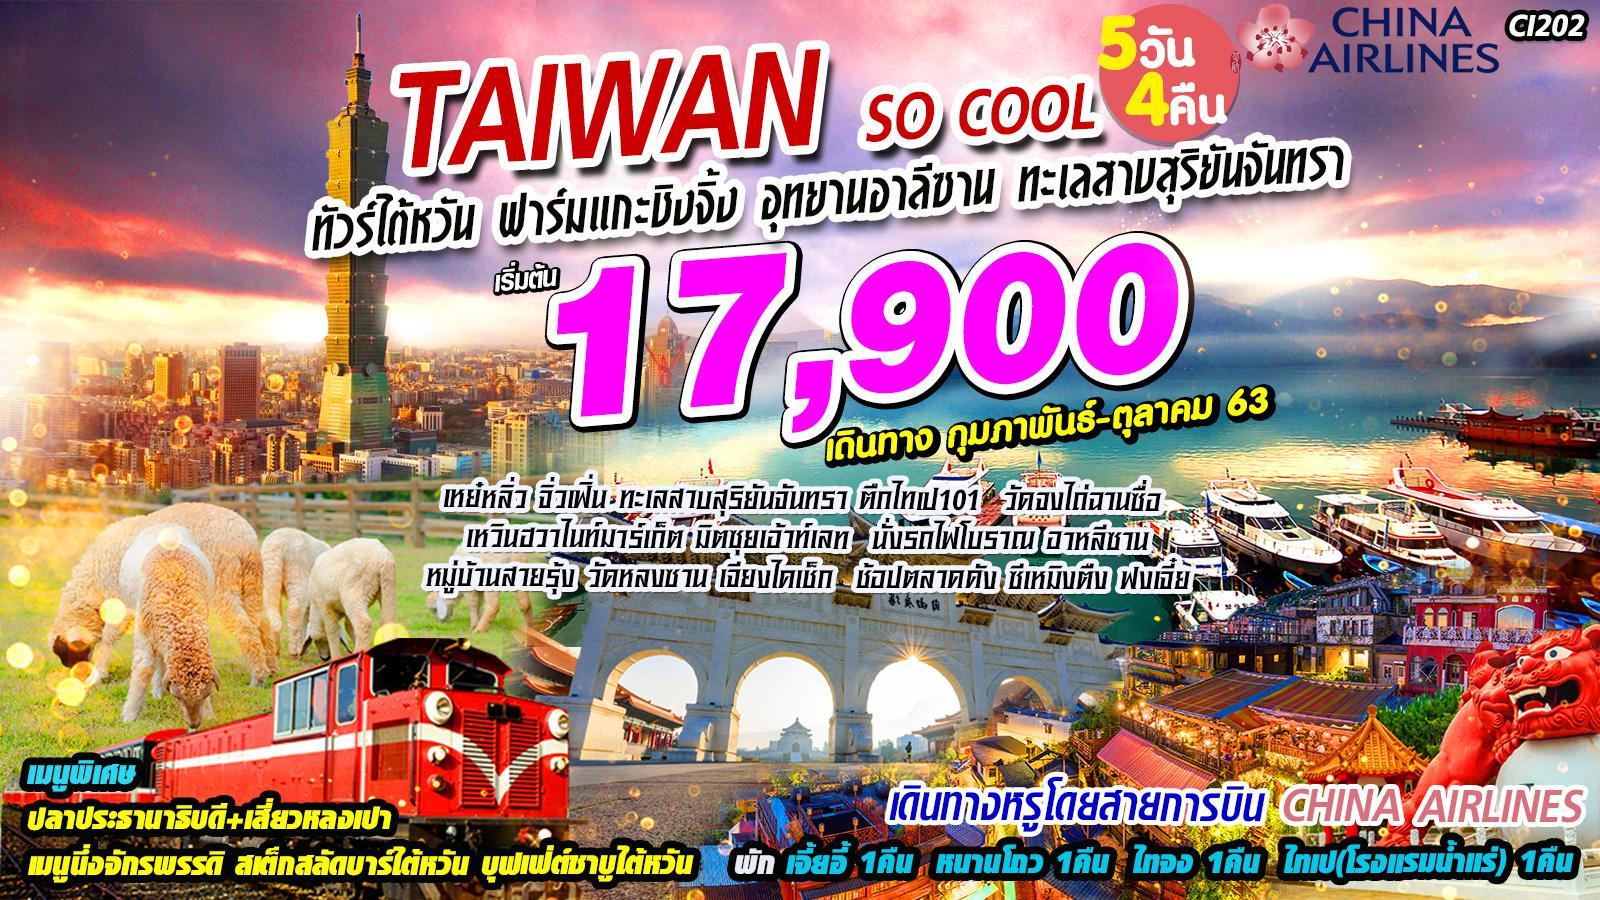 ทัวร์ไต้หวัน-TAIWAN-SO-COOL-5วัน-4คืน-(CI)(FEB-MAR20)CI-202